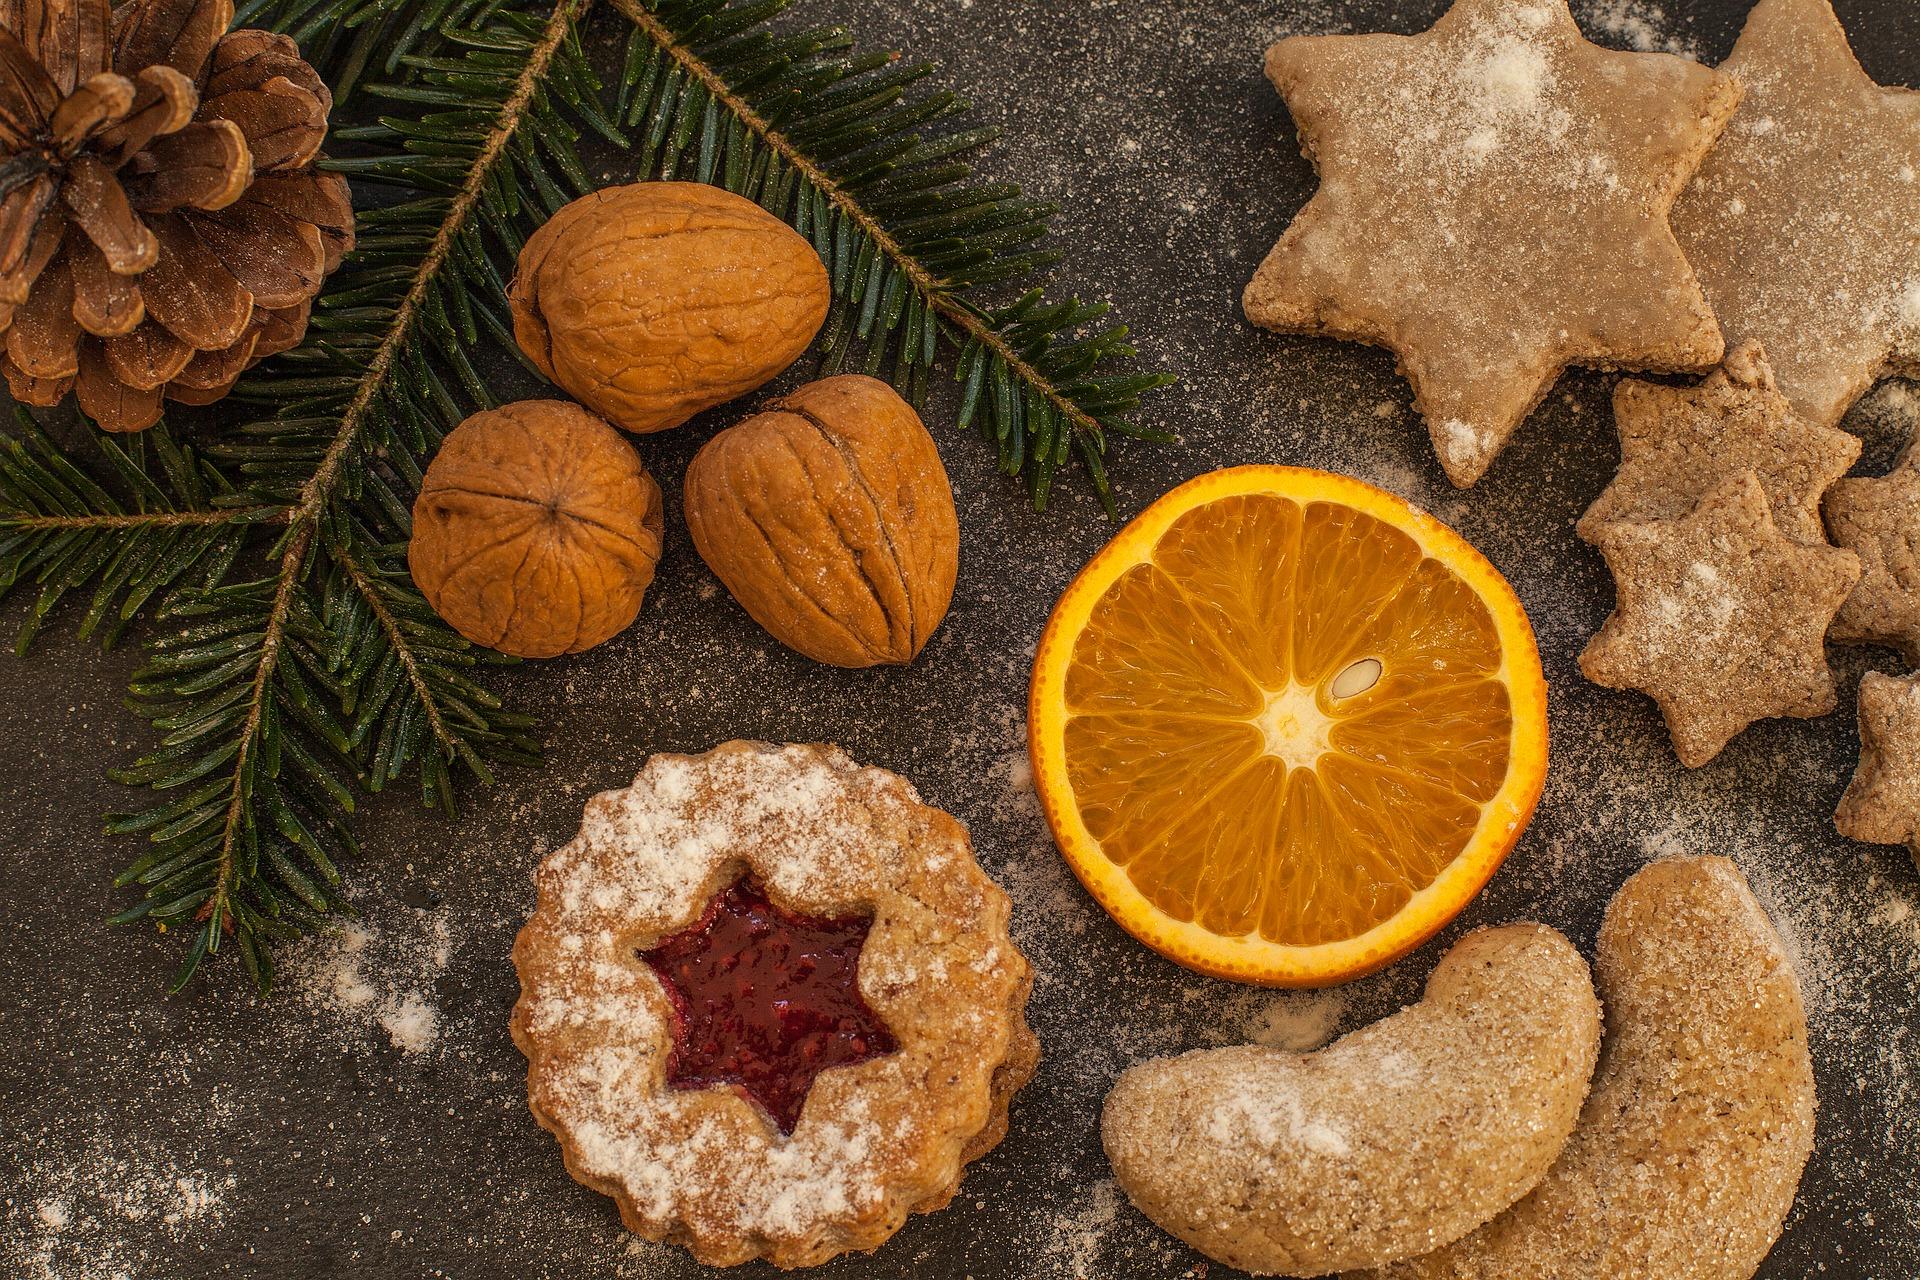 Nachhaltige Weihnachten: Basteln mit Naturmaterialien